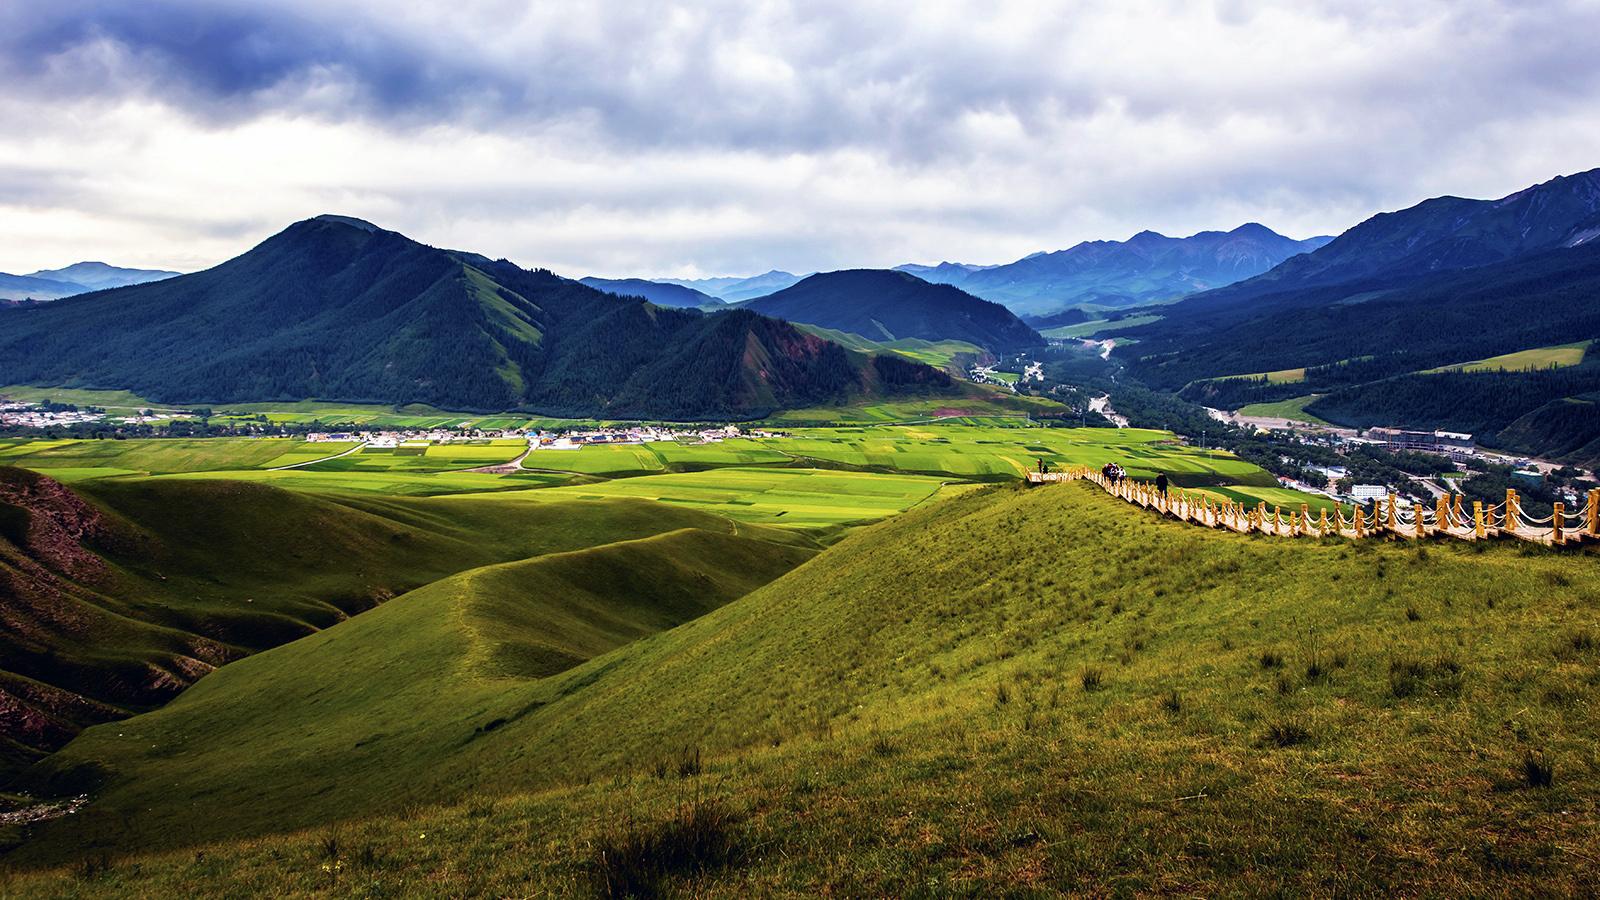 青海湖,祁连卓尔山,门源油菜花精品双卧四日游,西宁